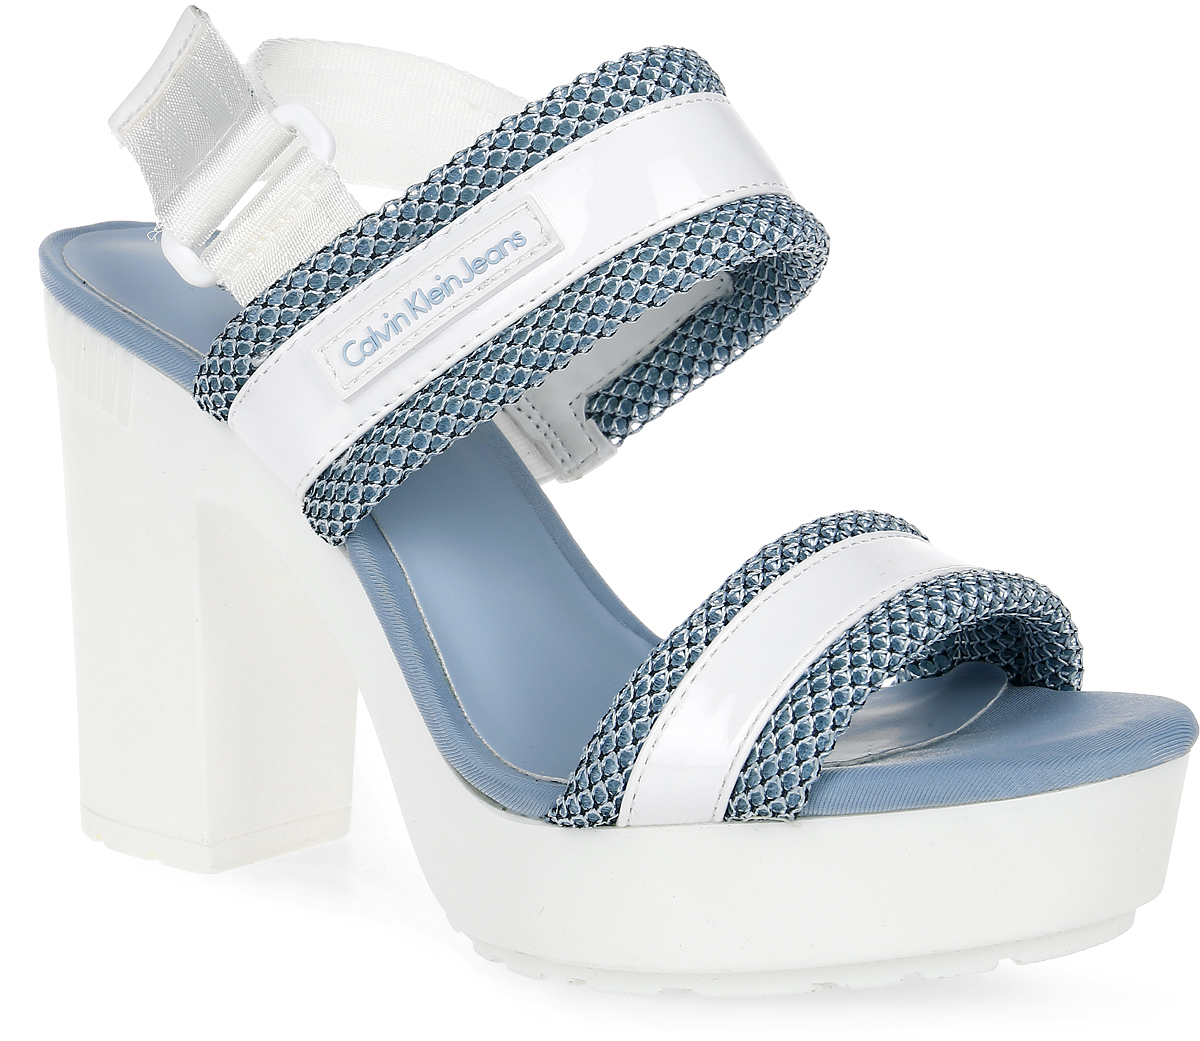 Босоножки женские Calvin Klein Jeans, цвет: белый. R4071_WCB. Размер 37R4071_WCBСтильные босоножки от Calvin Klein Jeans - незаменимая вещь в гардеробе каждой женщины. Модель выполнена из текстиля и искусственной кожи в оригинальном дизайне. Перемычки на подъеме прочно зафиксируют модель на вашей ноге, а ремешок с застежкой-липучкой позволит отрегулировать объем. Высокий каблук и подошва с платформой обеспечат устойчивость. Подошва с рифлением обеспечивает отличное сцепление с поверхностью. Модные босоножки станут прекрасным завершением вашего летнего образа.